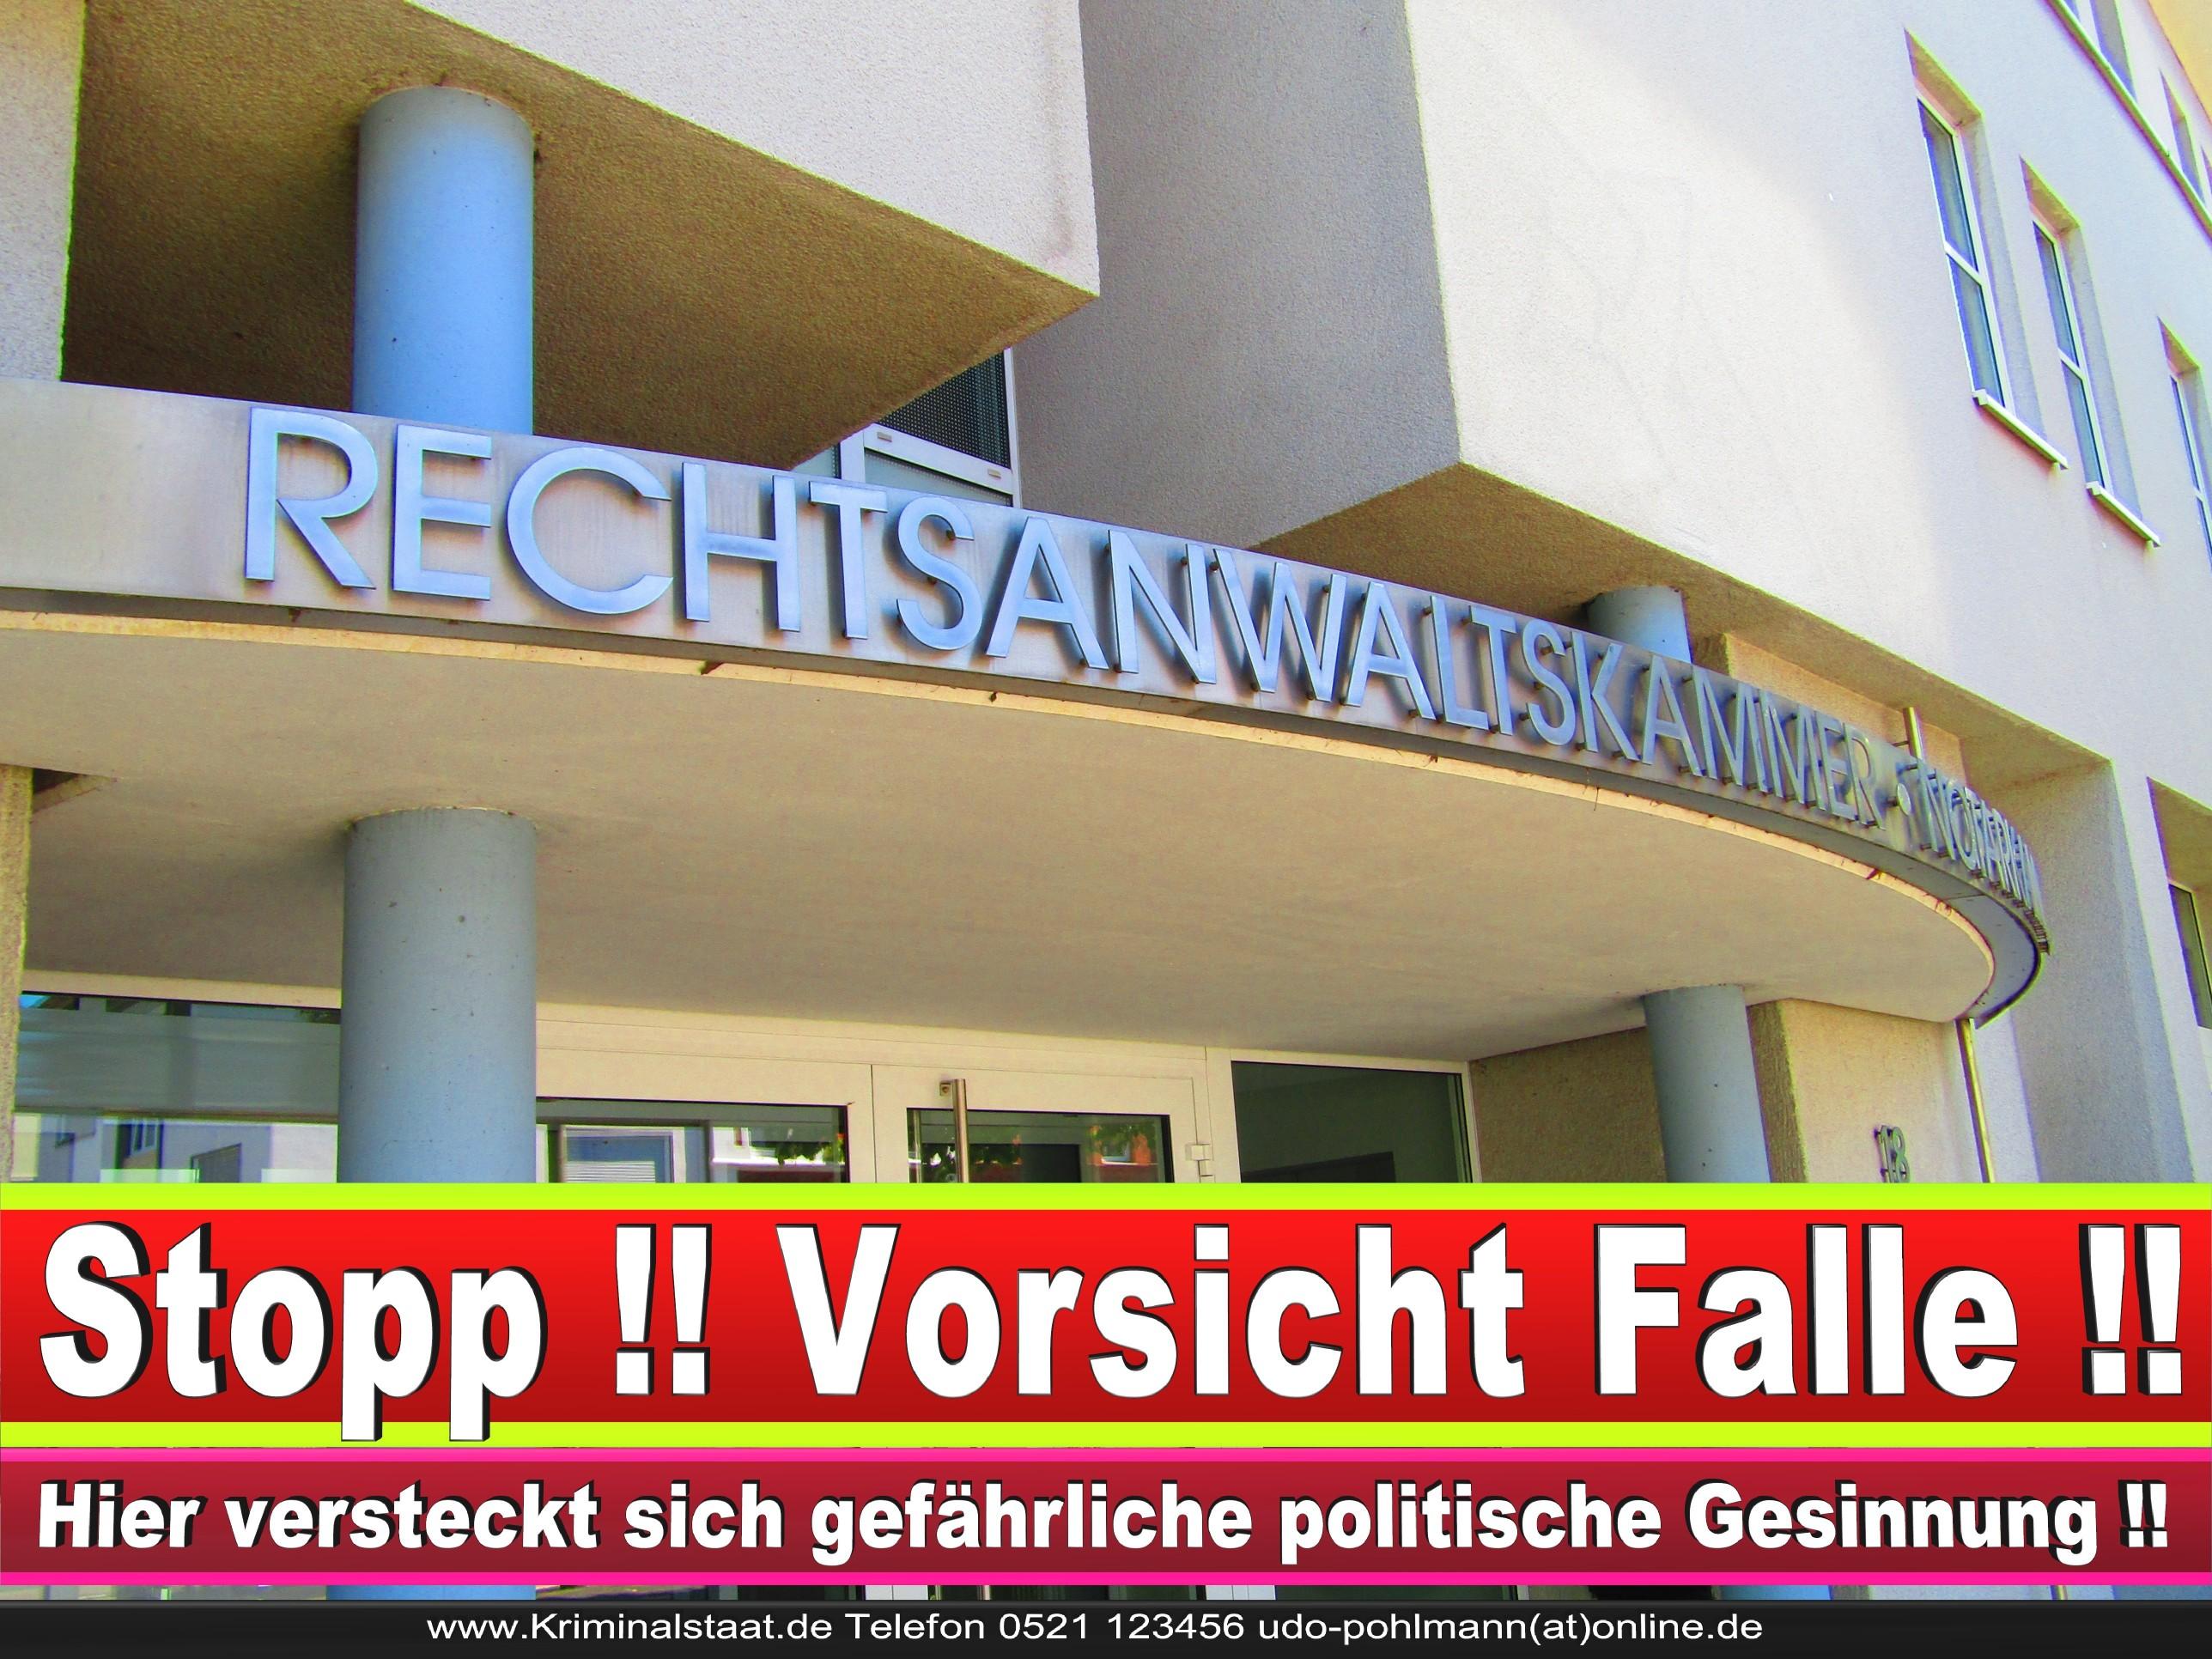 Rechtsanwaltskammer Hamm NRW Justizminister Rechtsanwalt Notar Vermögensverfall Urteil Rechtsprechung CDU SPD FDP Berufsordnung Rechtsanwälte Rechtsprechung (5) 1